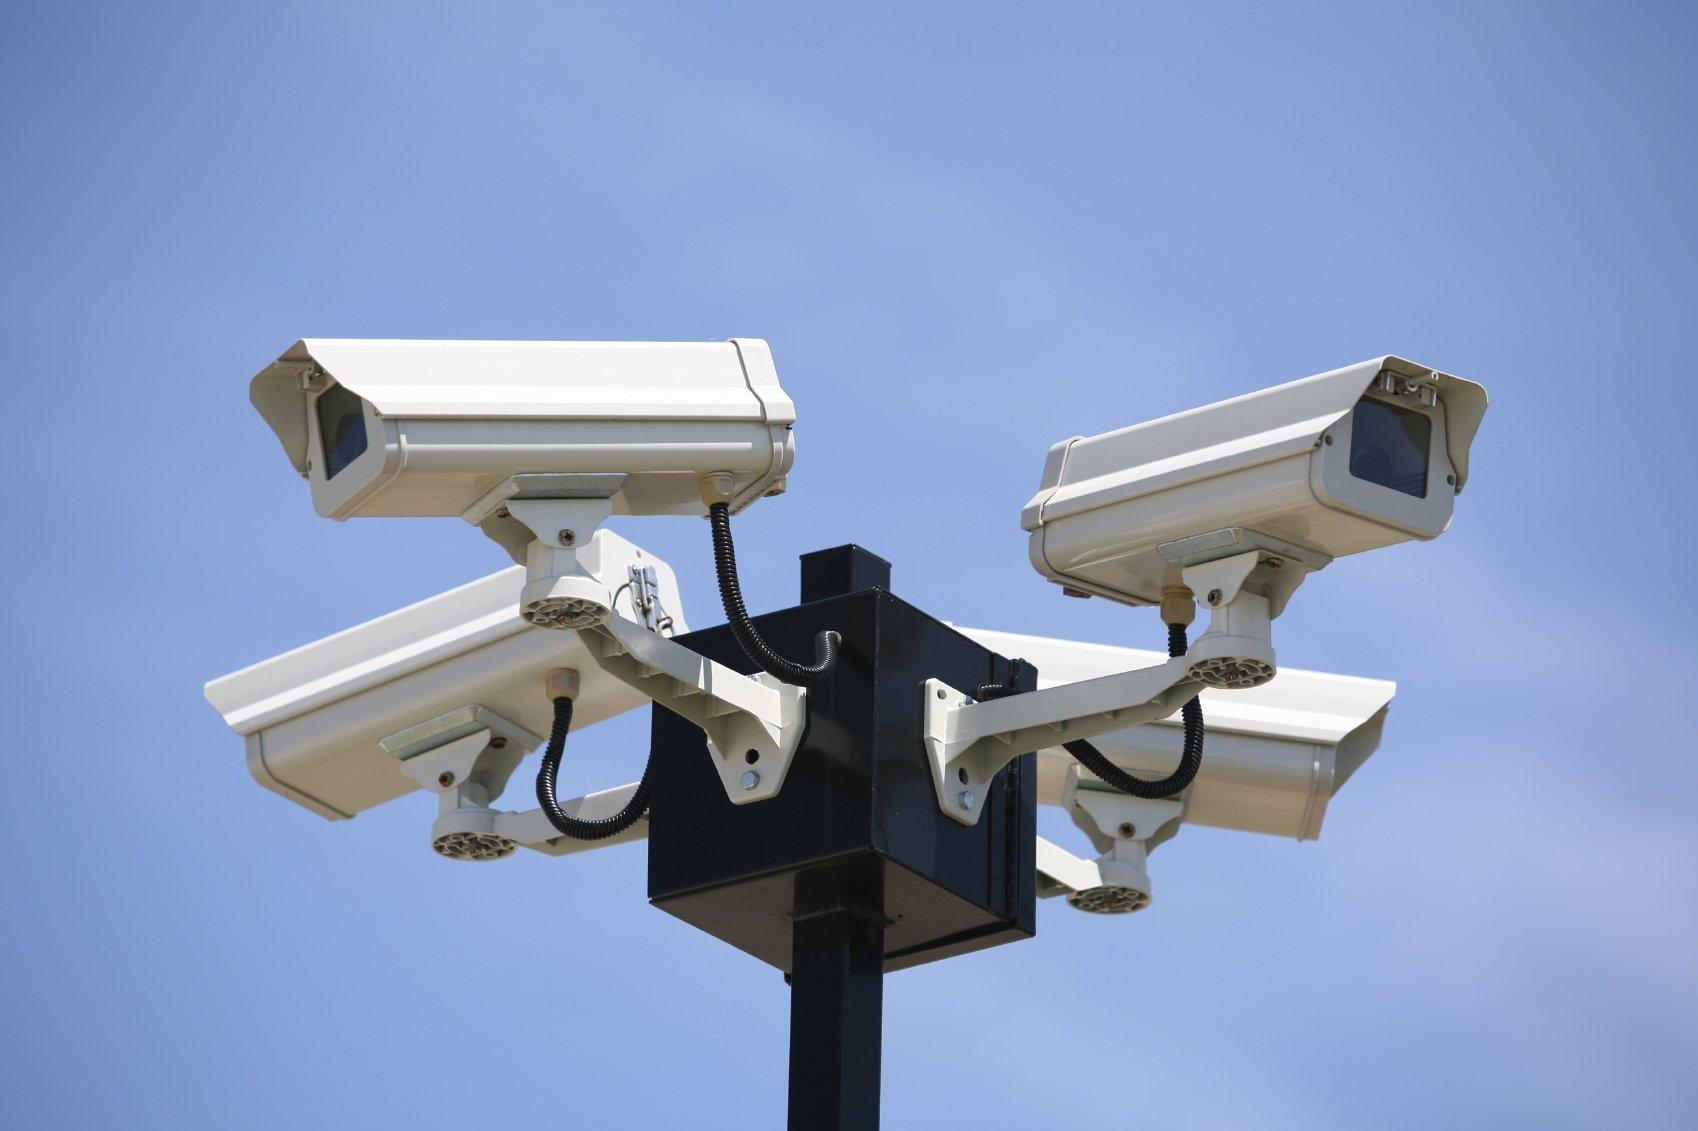 В Днепропетровске установили 111 камер для наблюдения за порядком и оперативного реагирования в случае происшествия.